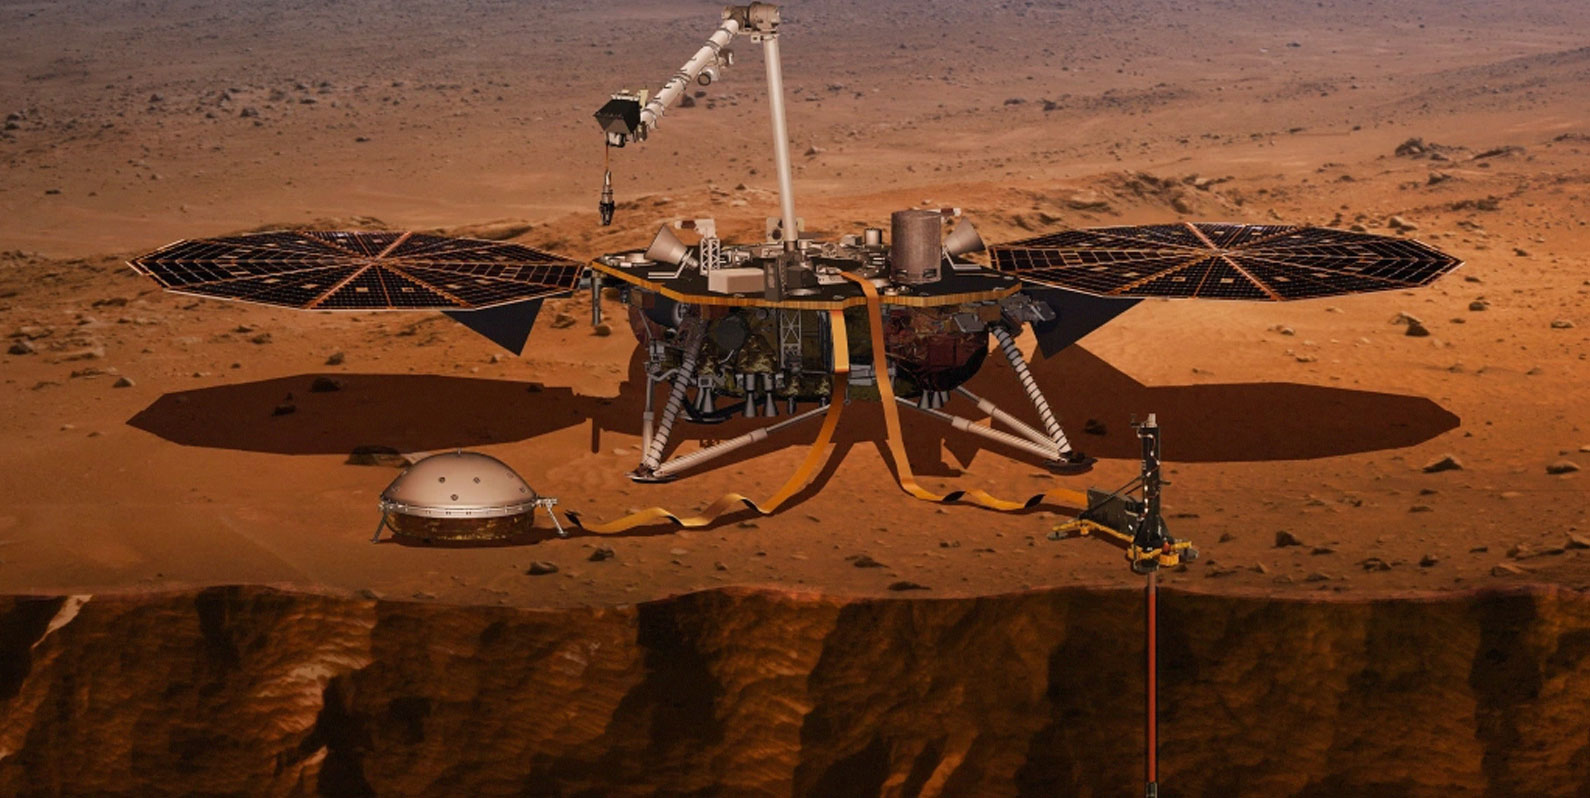 Conseguimos ter uma melhor ideia do interior de Marte